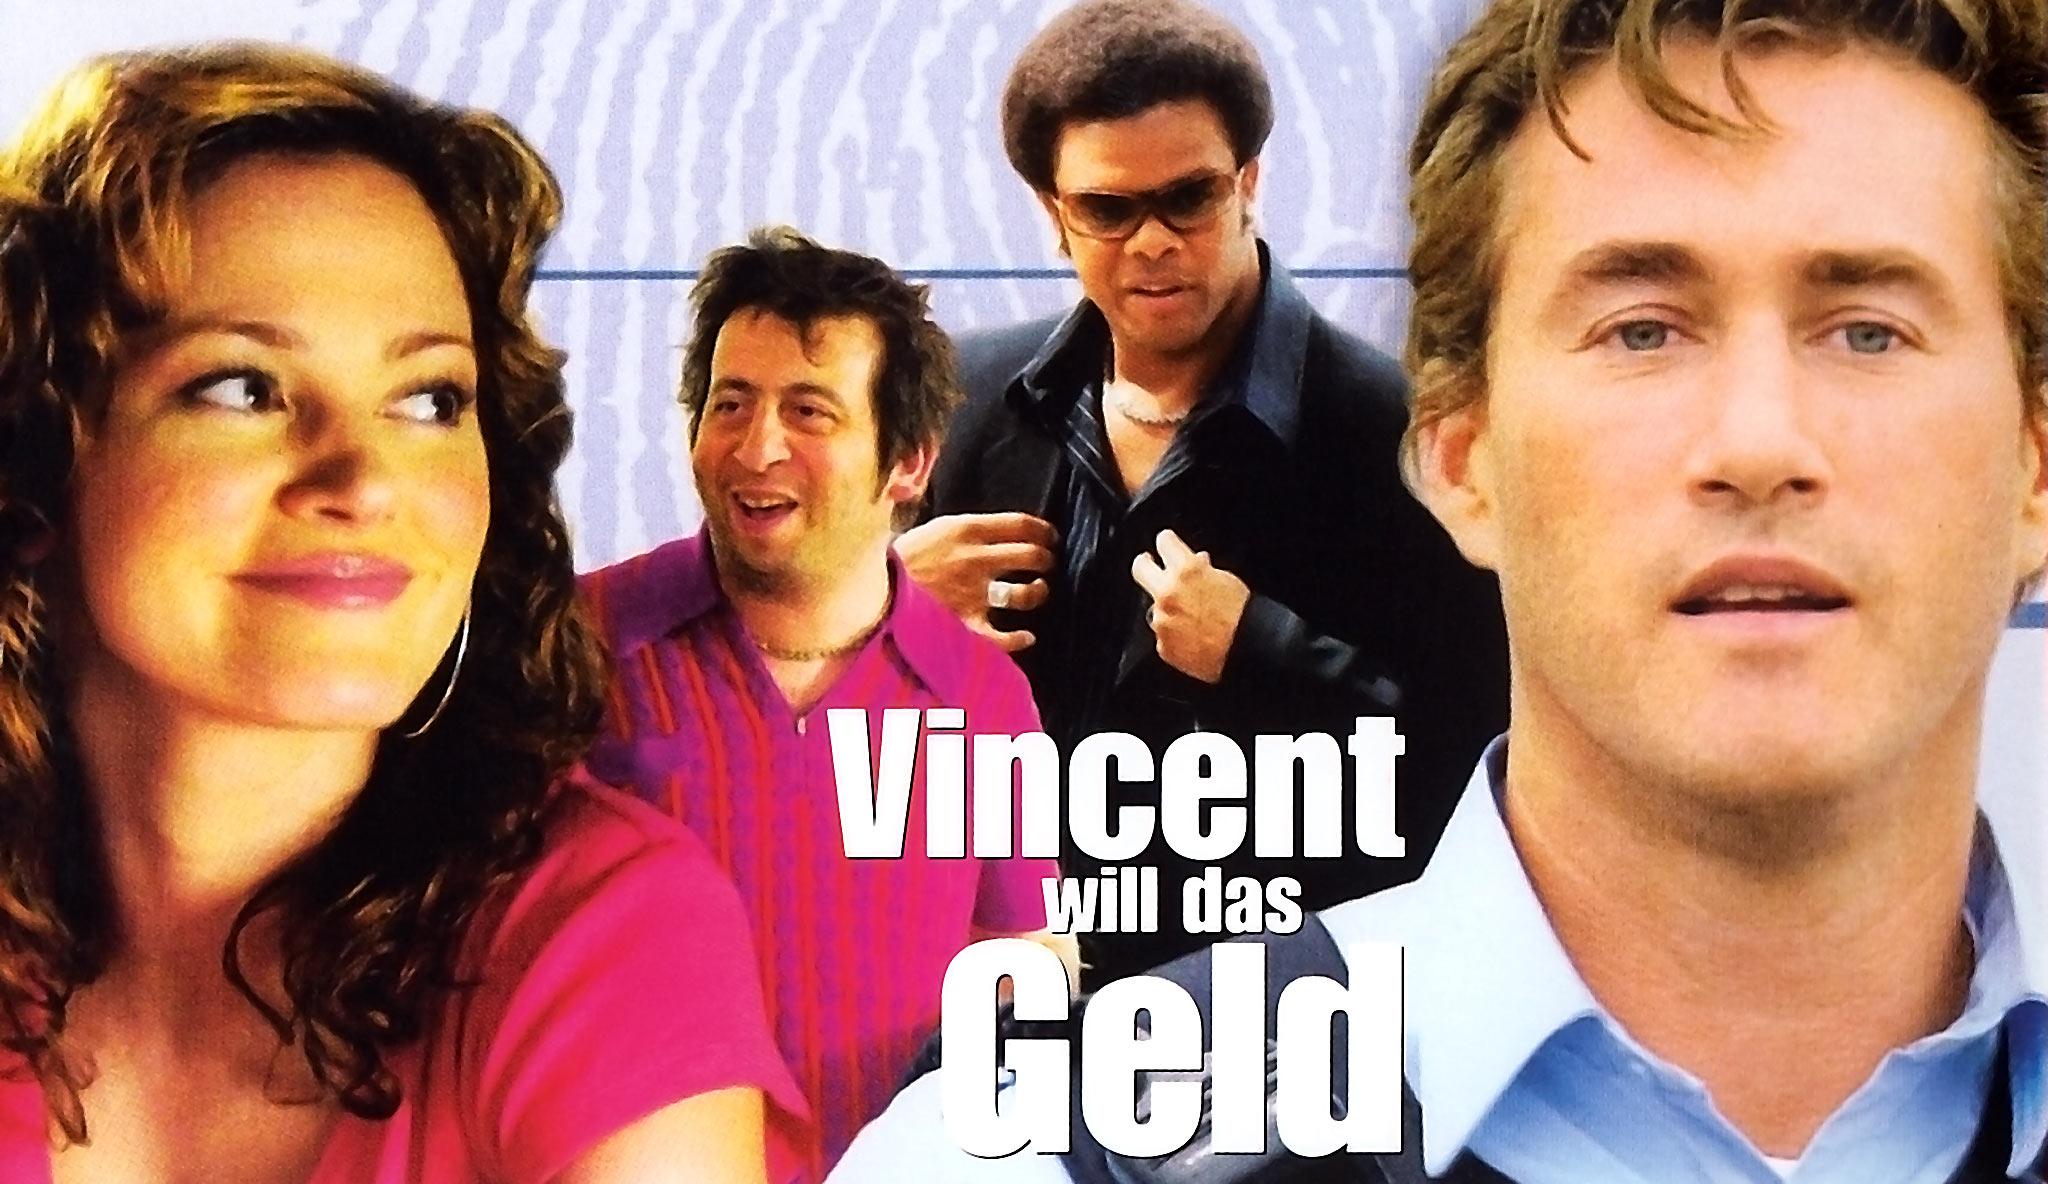 vincent-will-das-geld\header.jpg